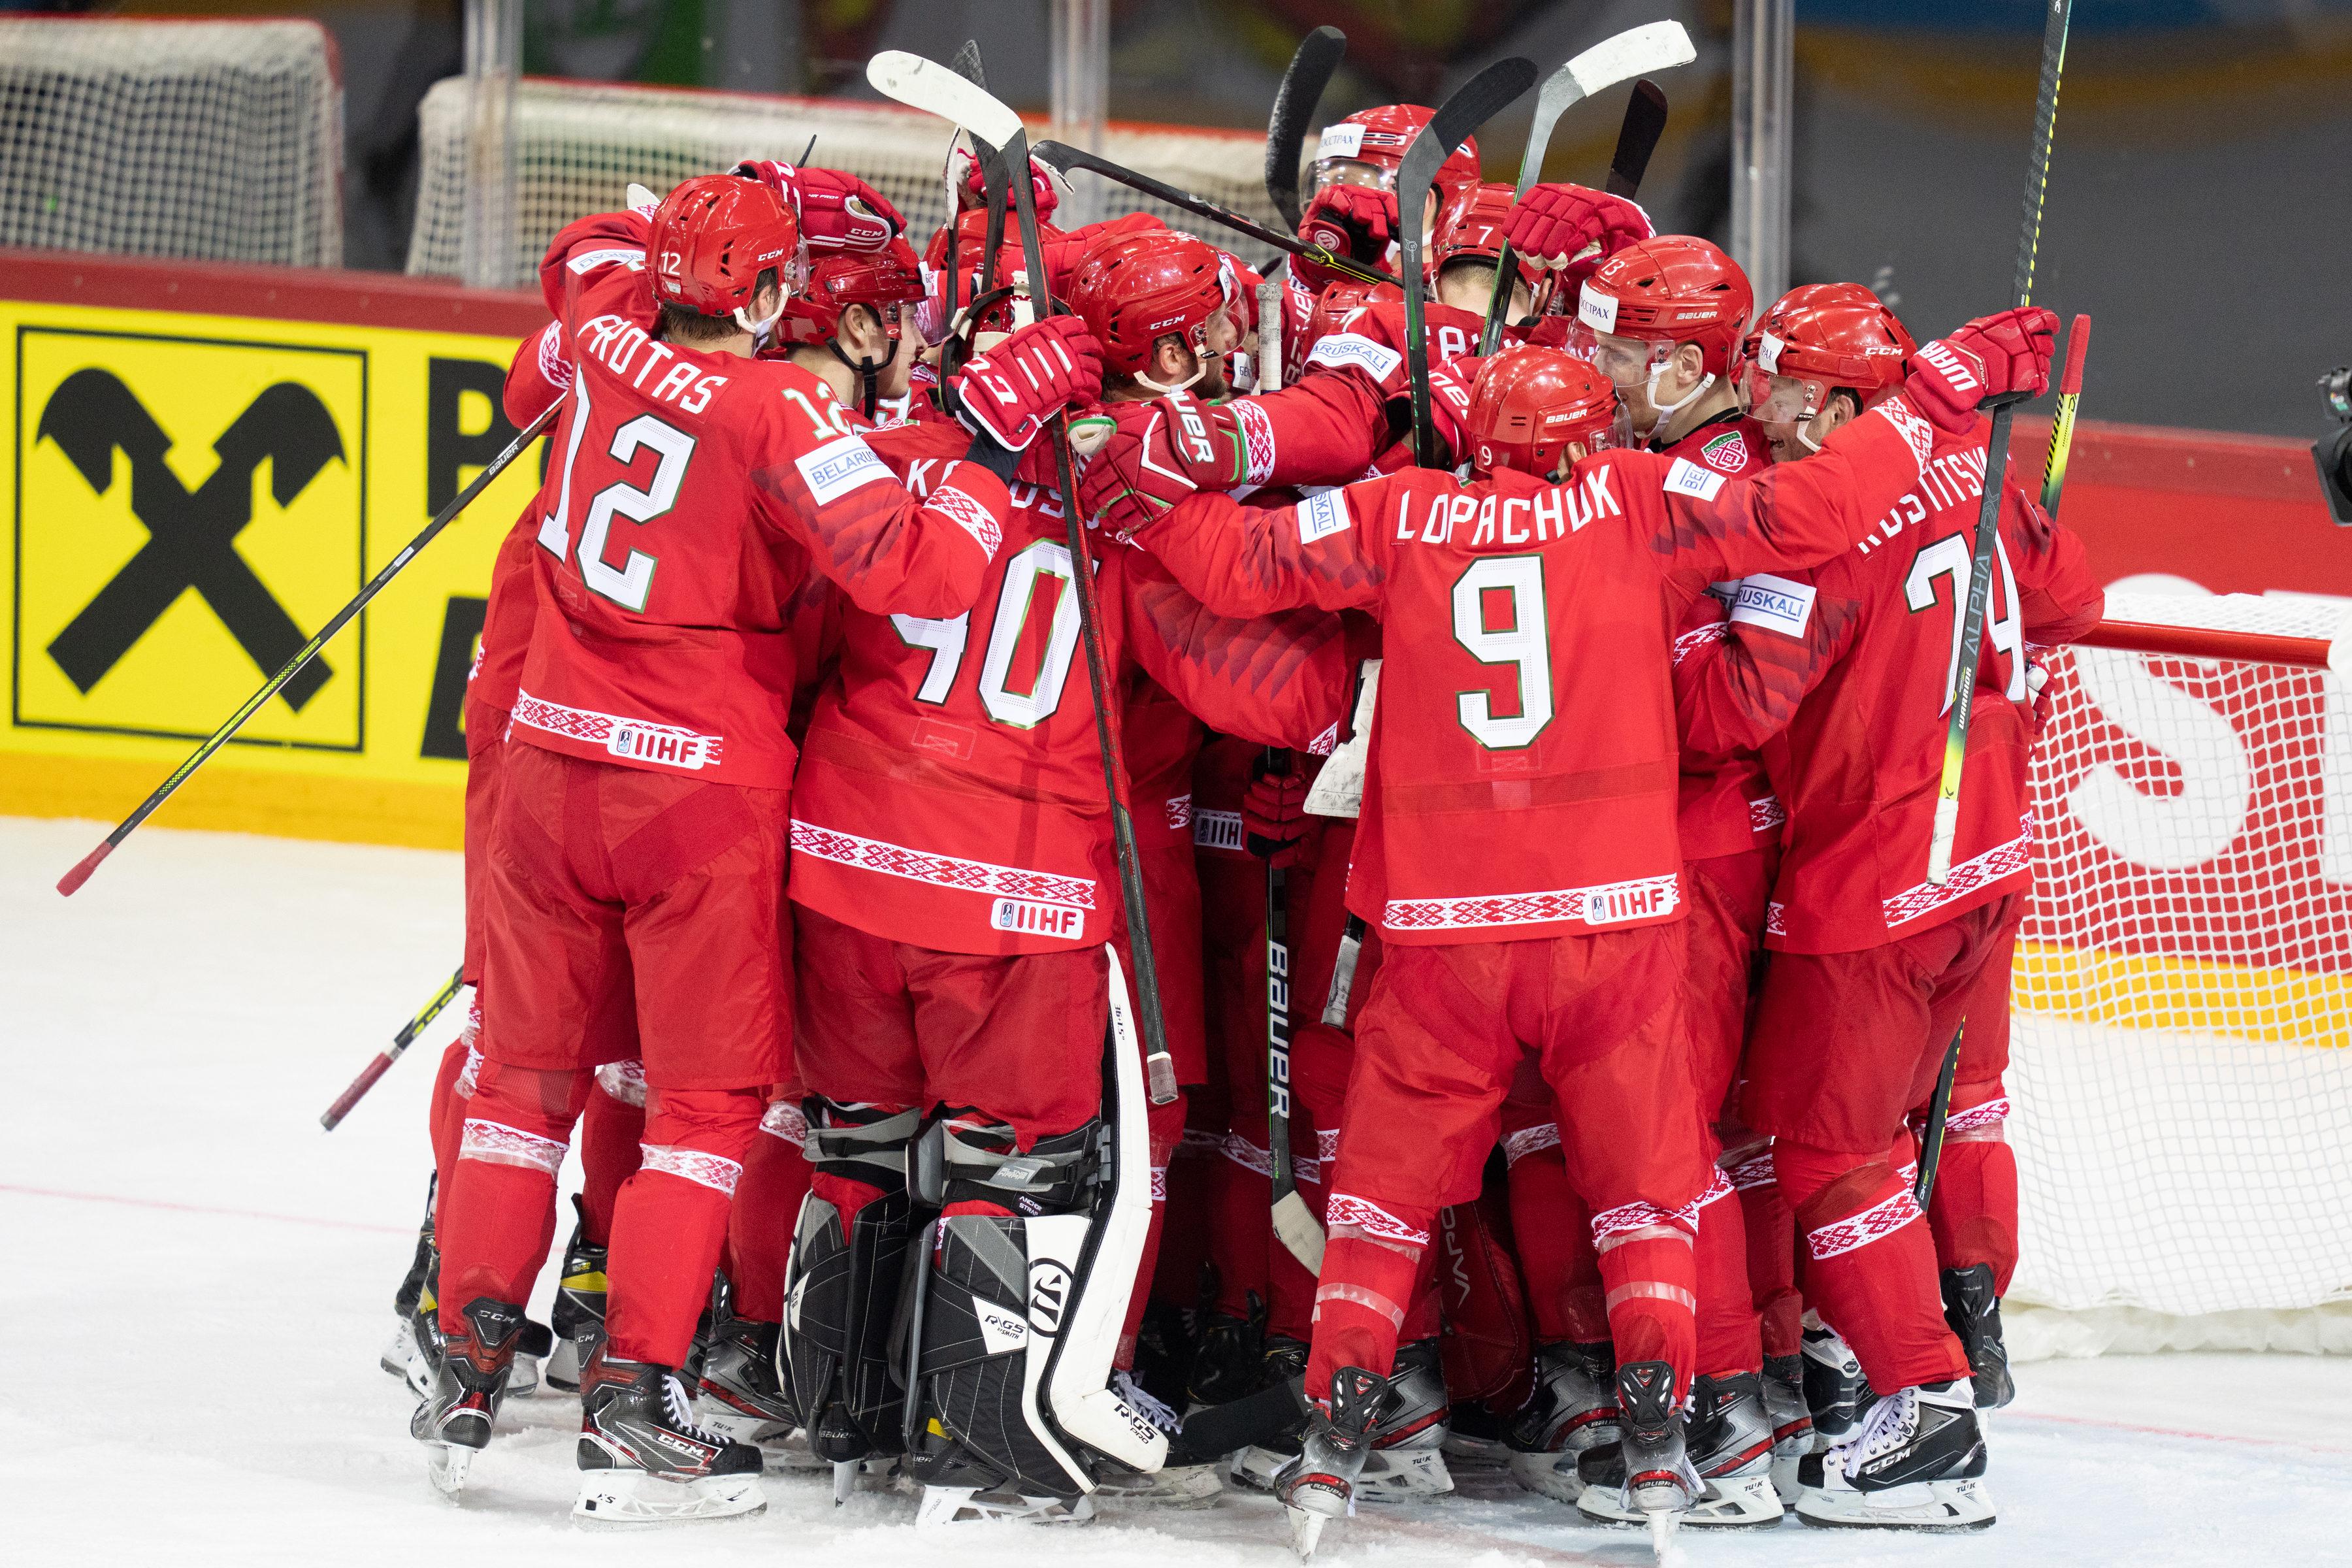 Kalvītis noraida iespēju, ka Baltkrievija varētu tikt izslēgta no pasaules čempionāta